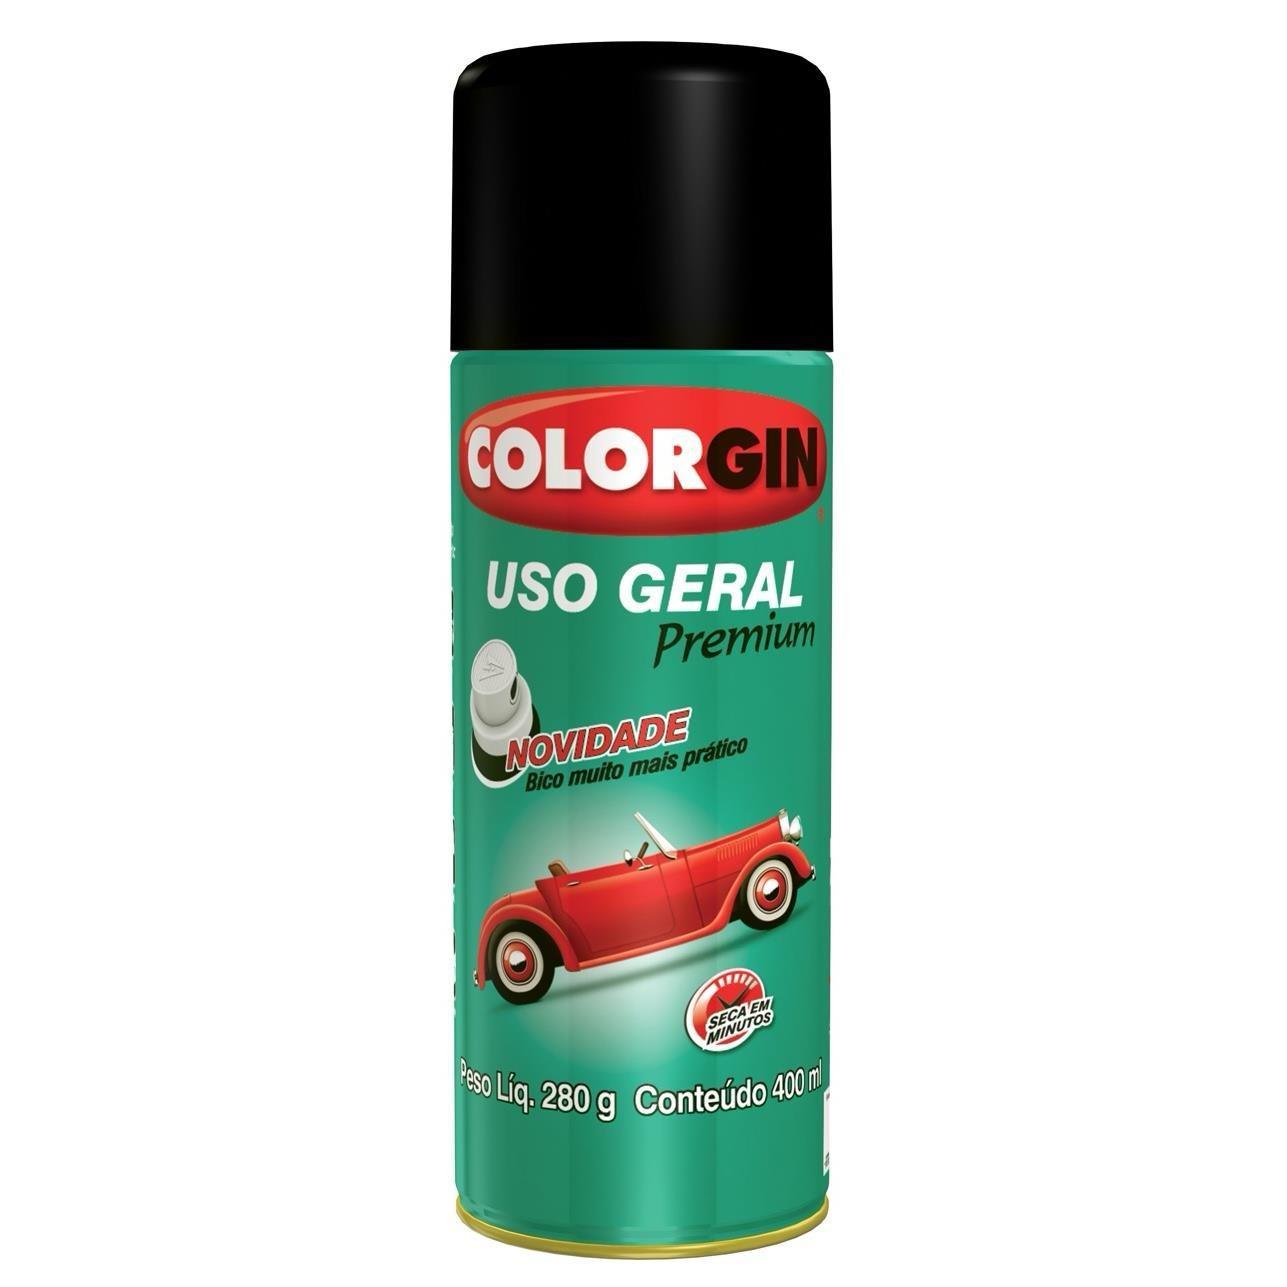 Tinta Spray Brilhante Uso geral Interno e Externo - Azul Brastemp - 400ml - Colorgin